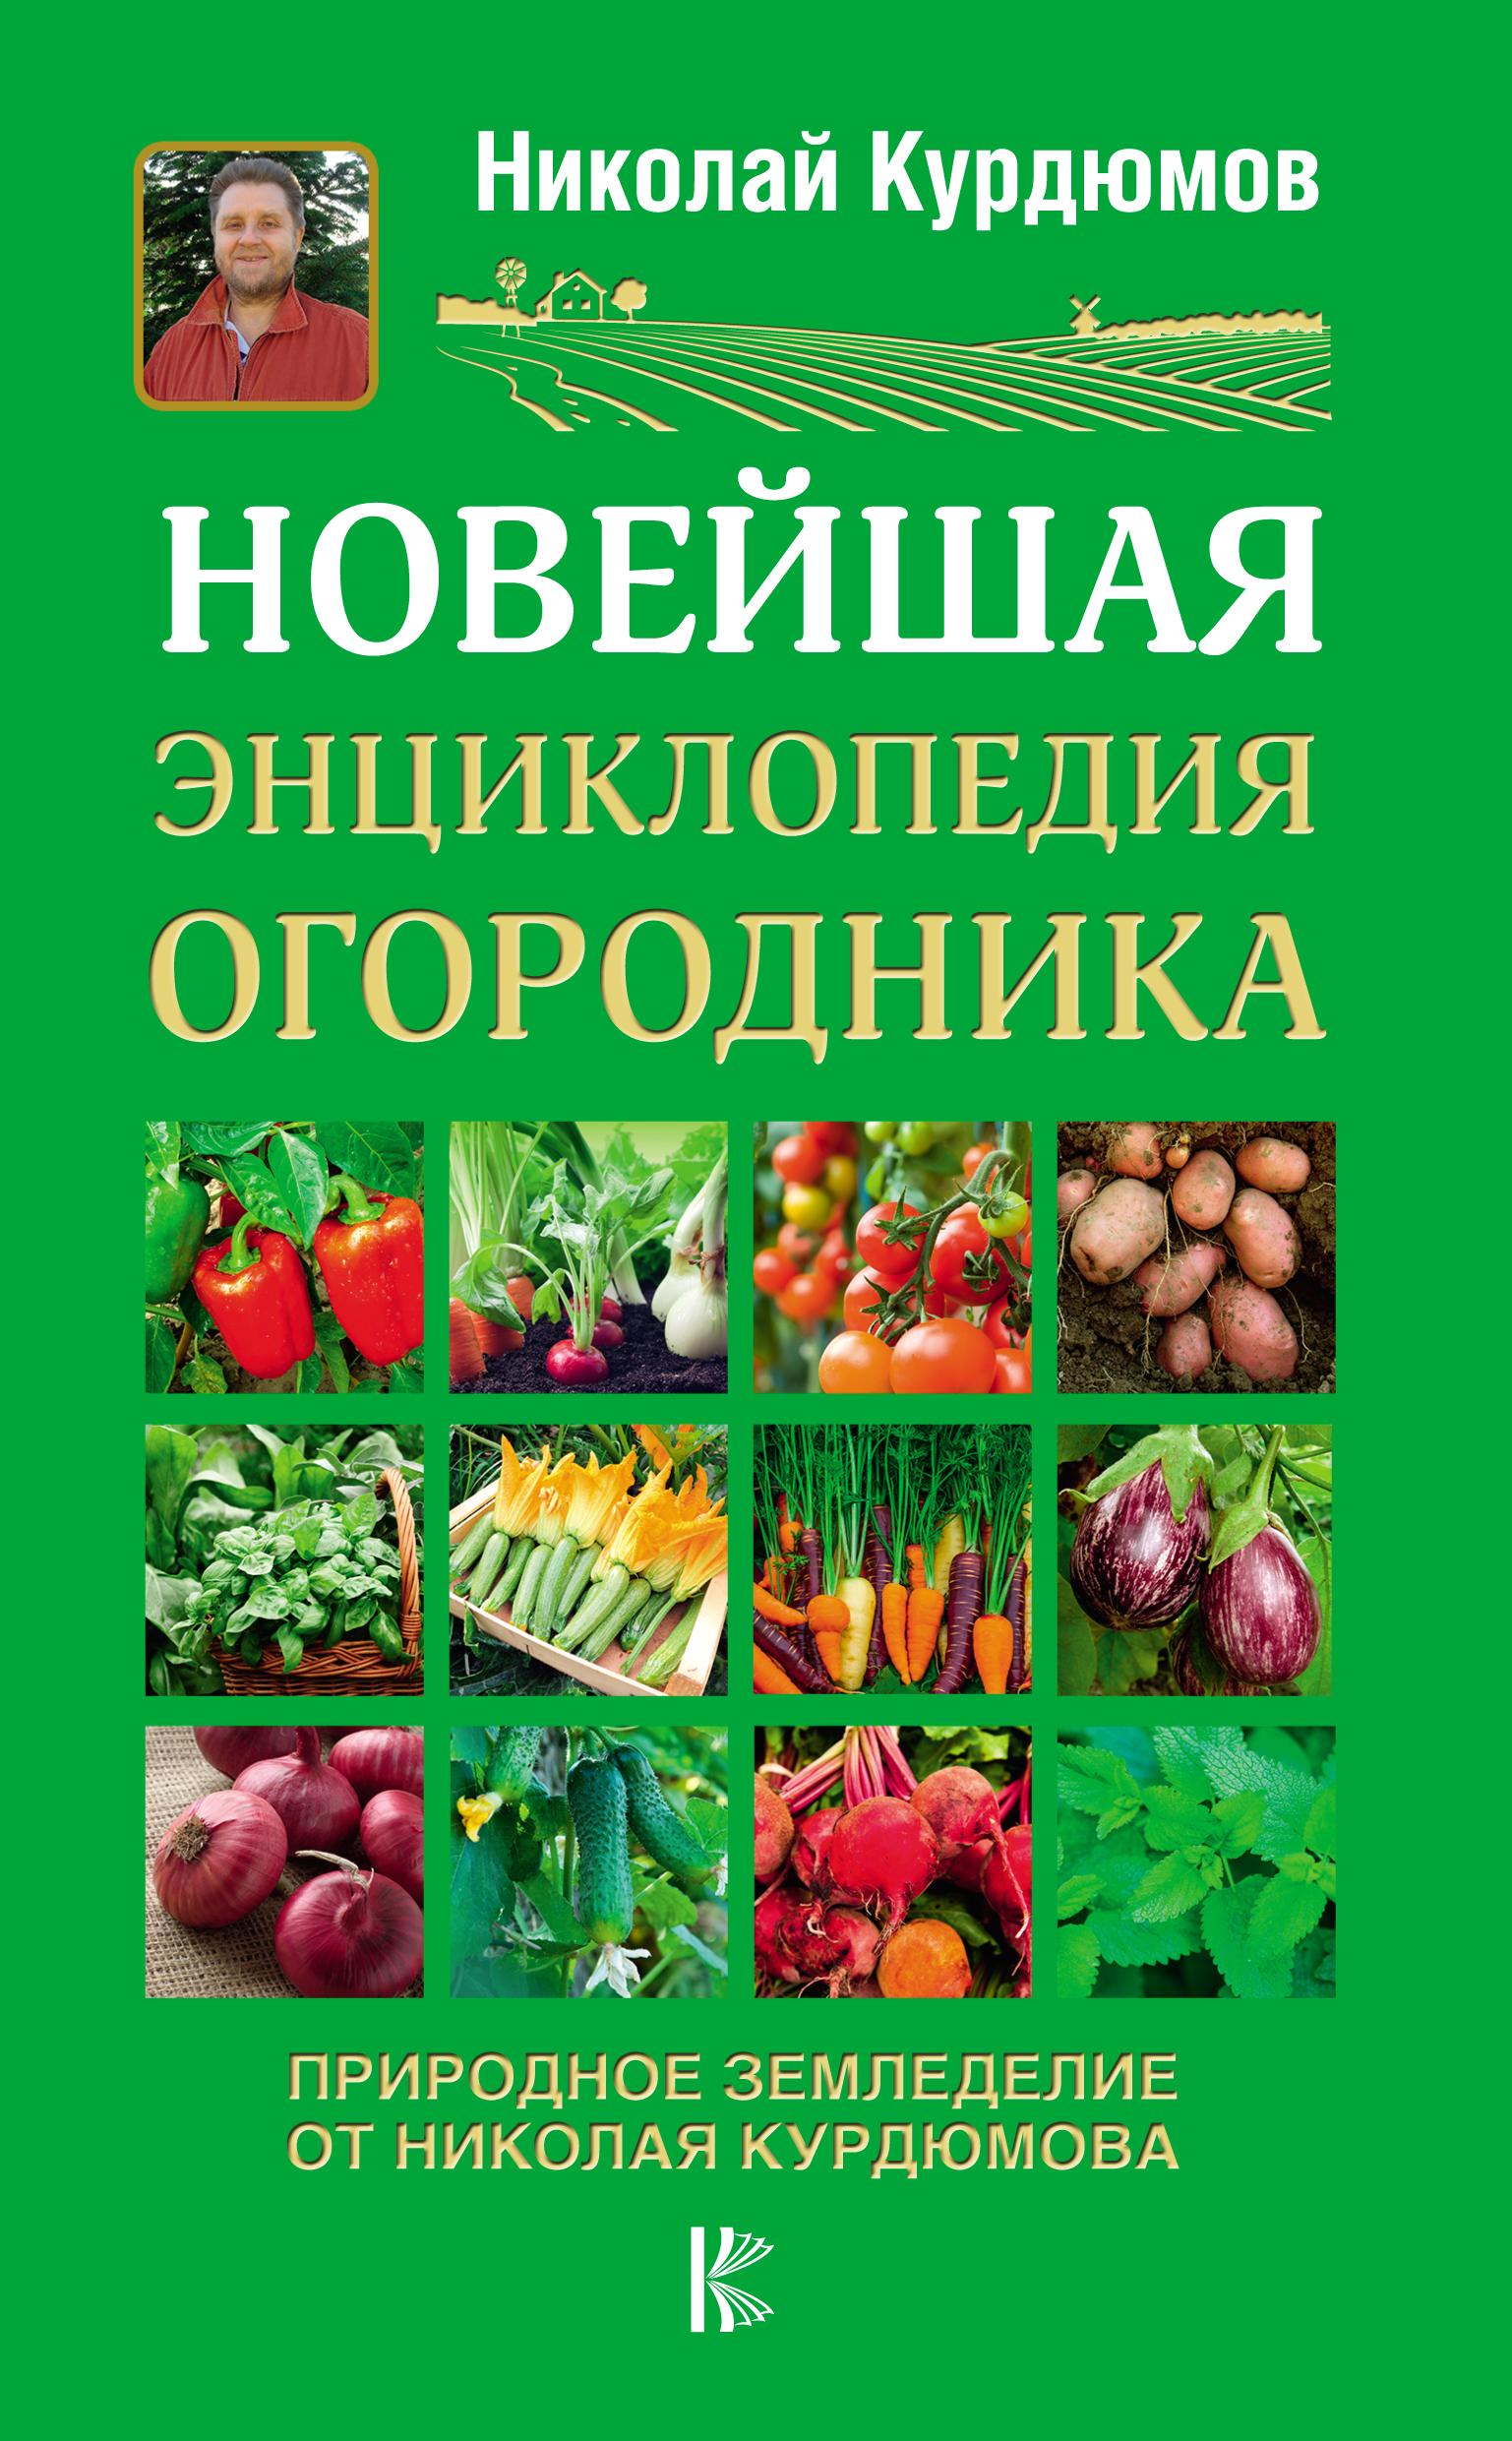 Купить книгу Новейшая энциклопедия огородника, автора Николая Курдюмова